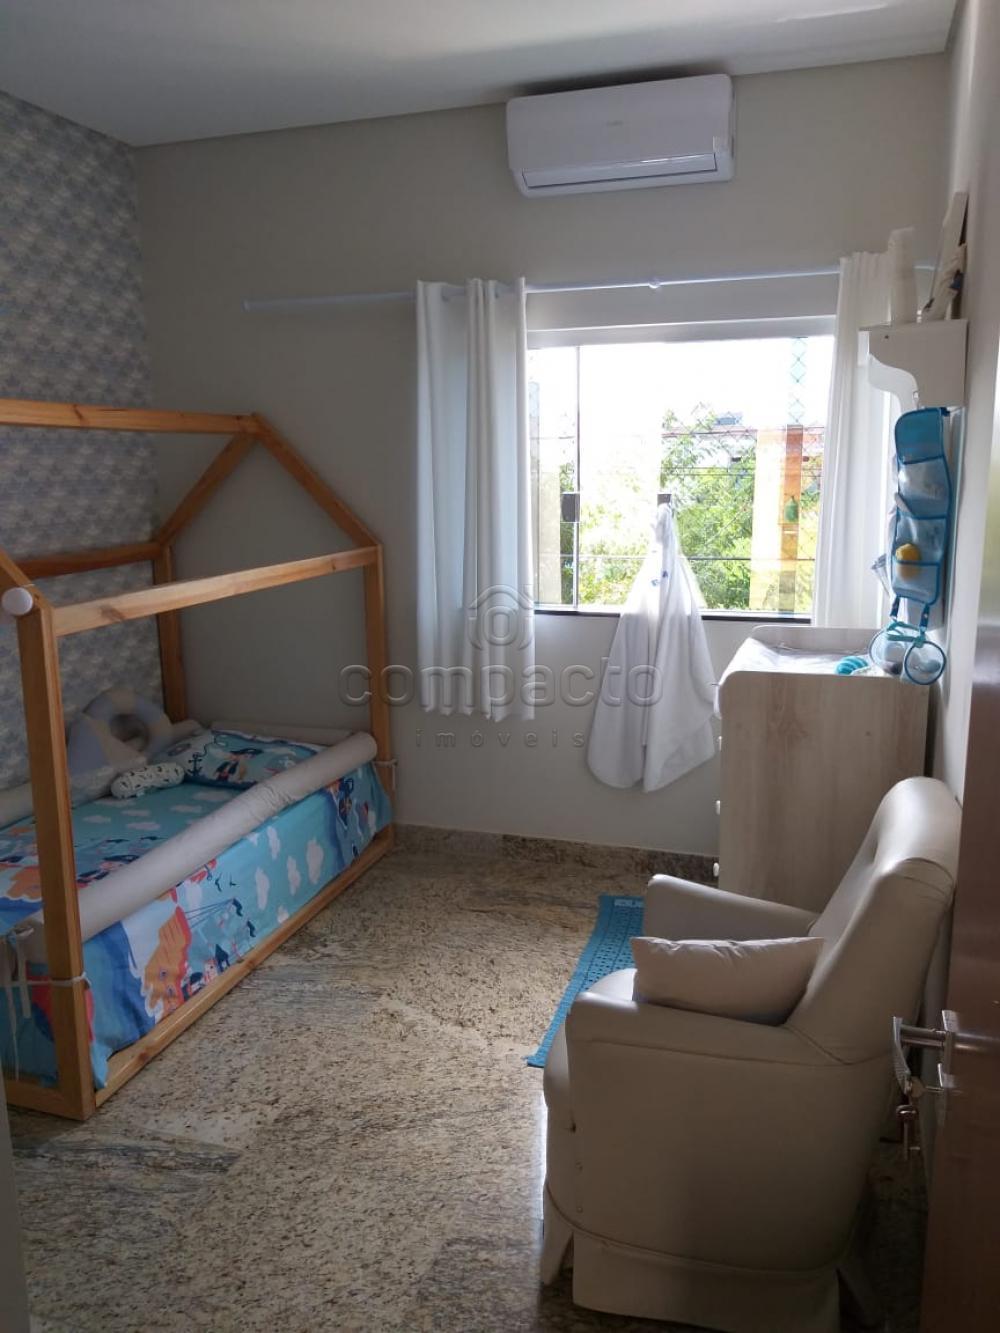 Comprar Casa / Condomínio em São José do Rio Preto apenas R$ 720.000,00 - Foto 24